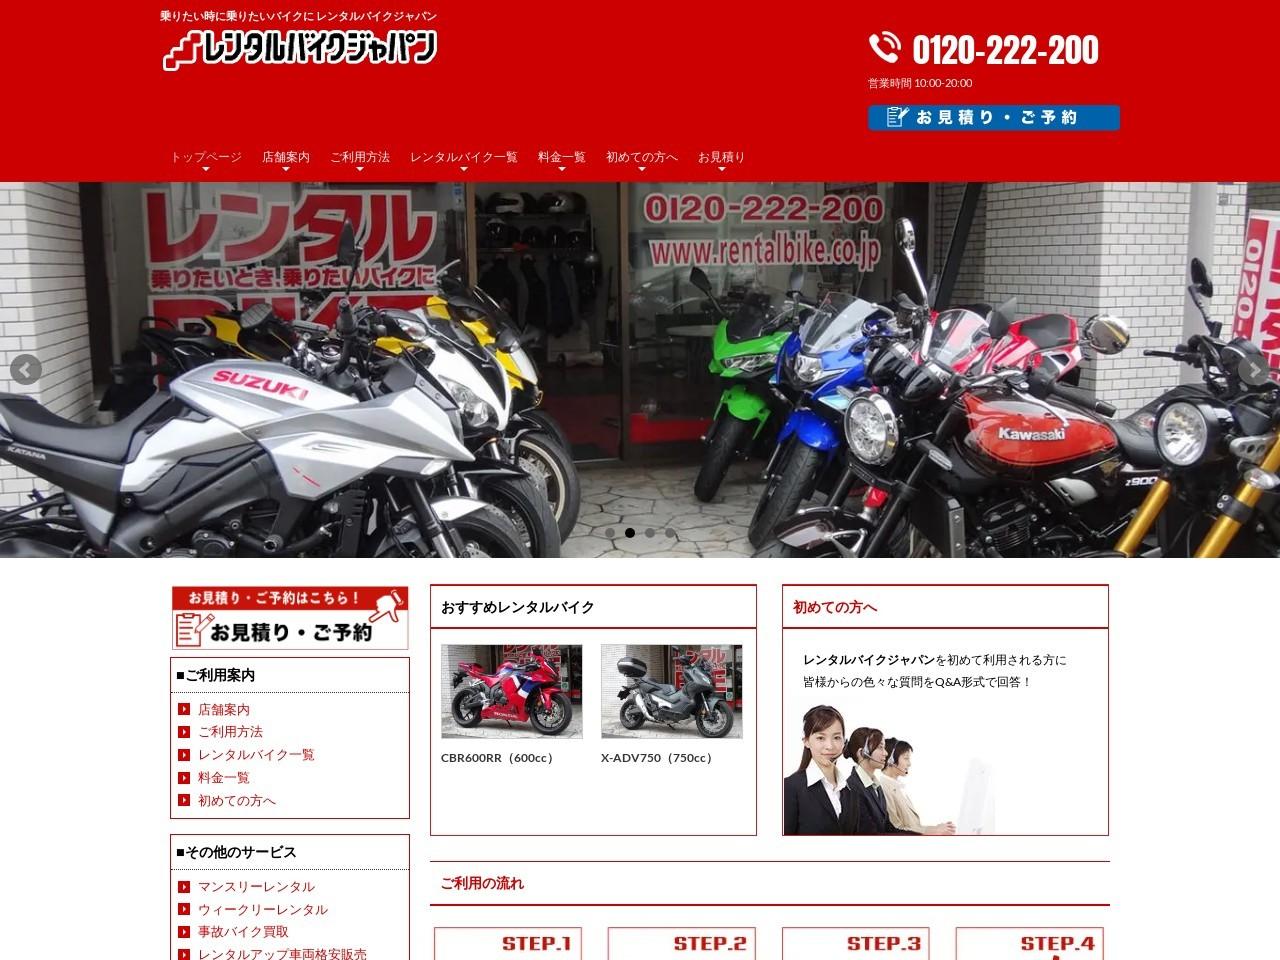 株式会社レンタルバイクジャパン